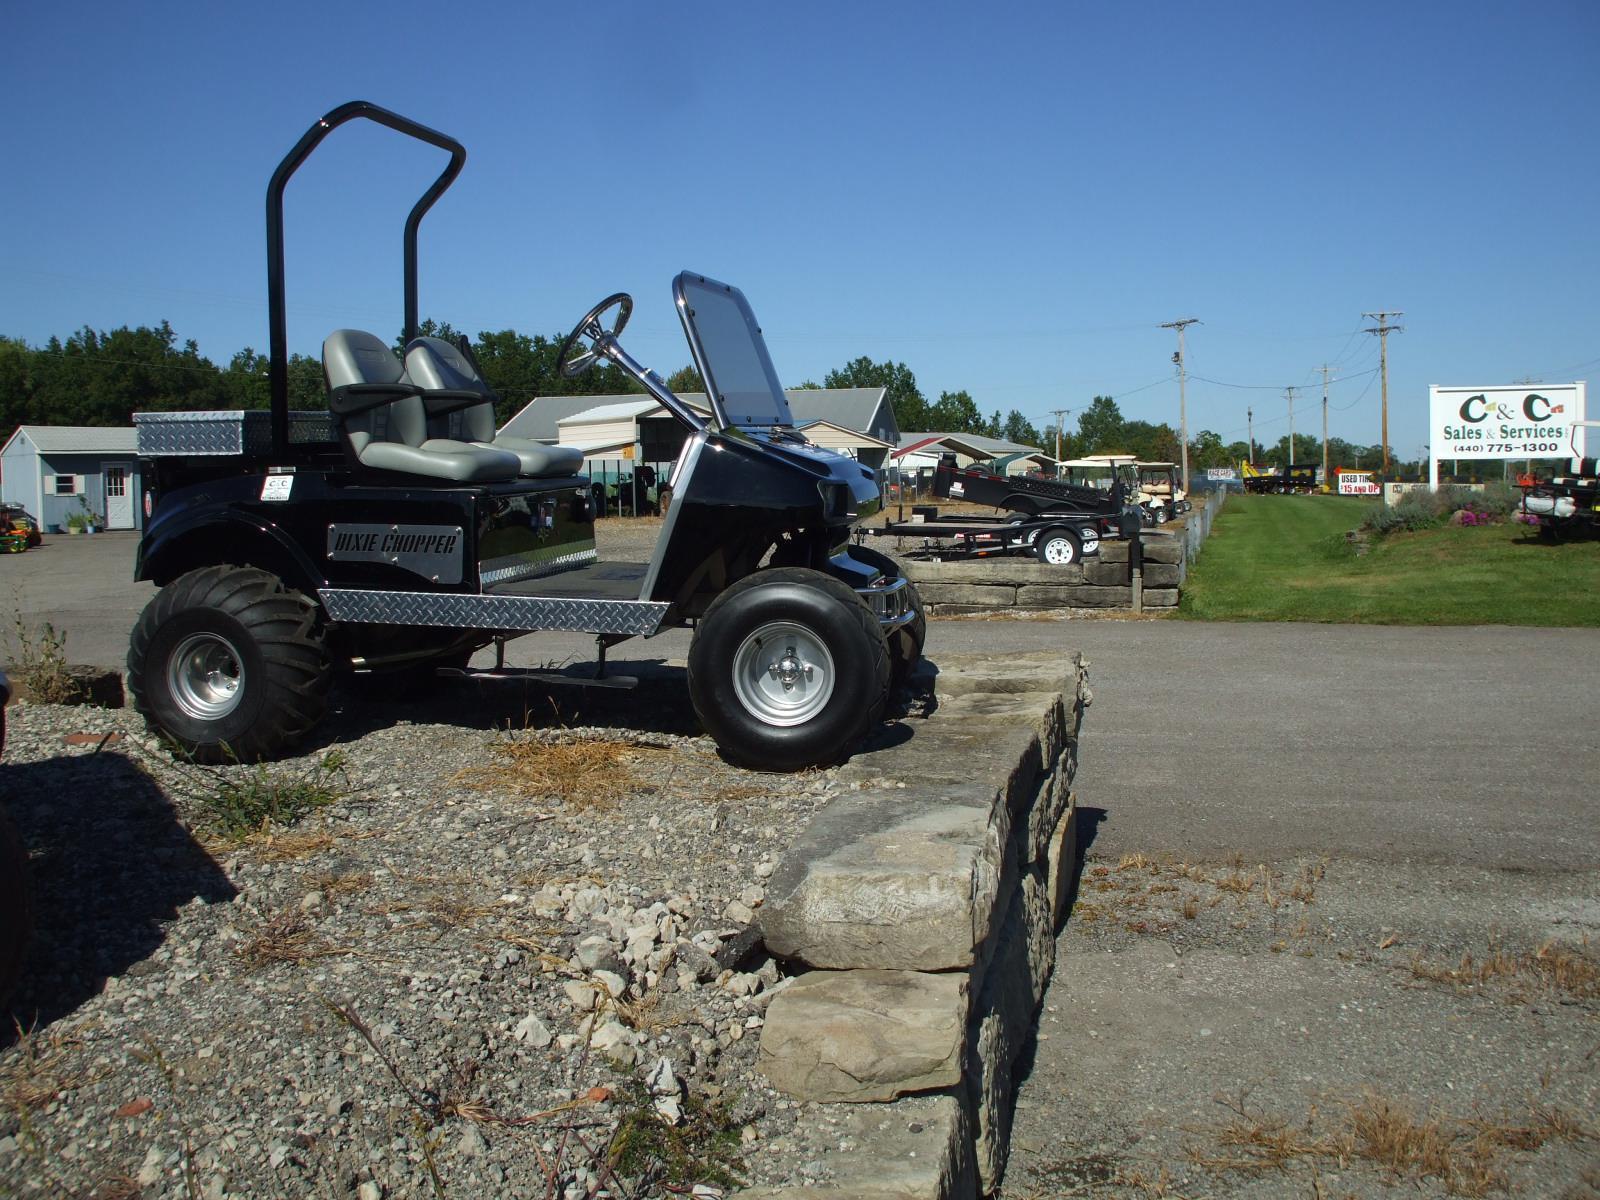 Dixie Chopper Custom Club Car C & C Sales & Services LLC